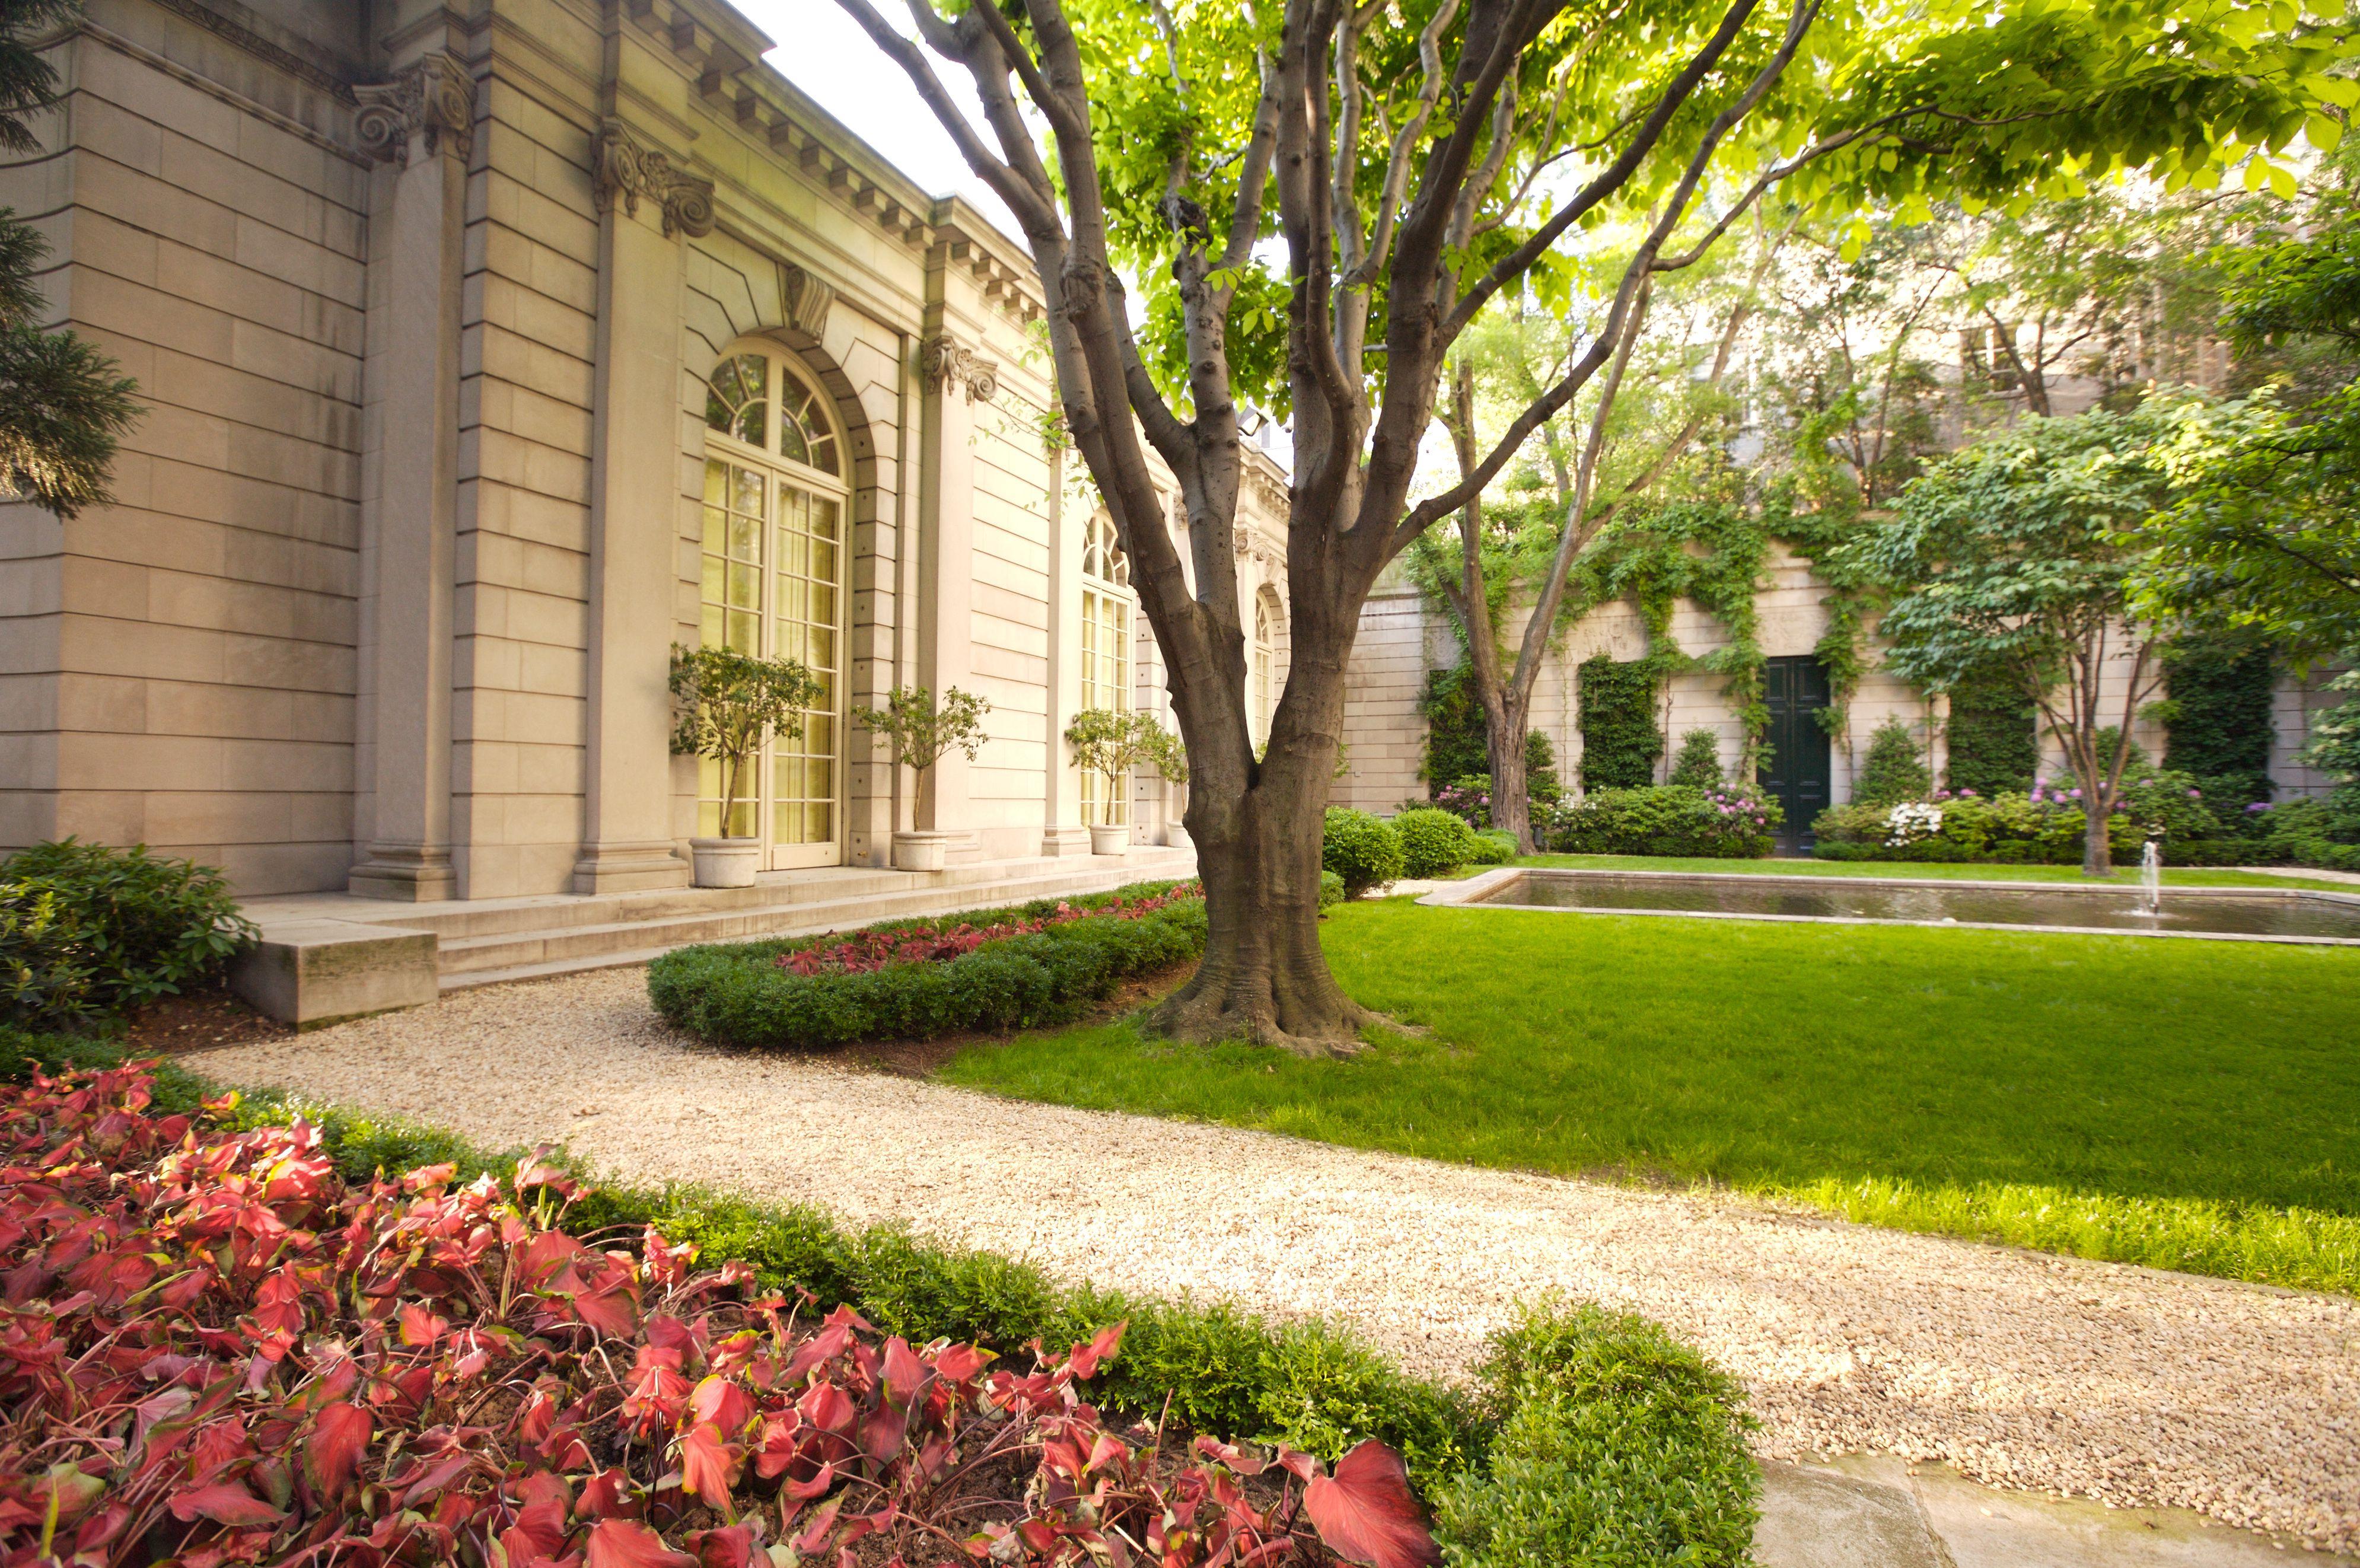 El jardín del patio de la Colección Frick